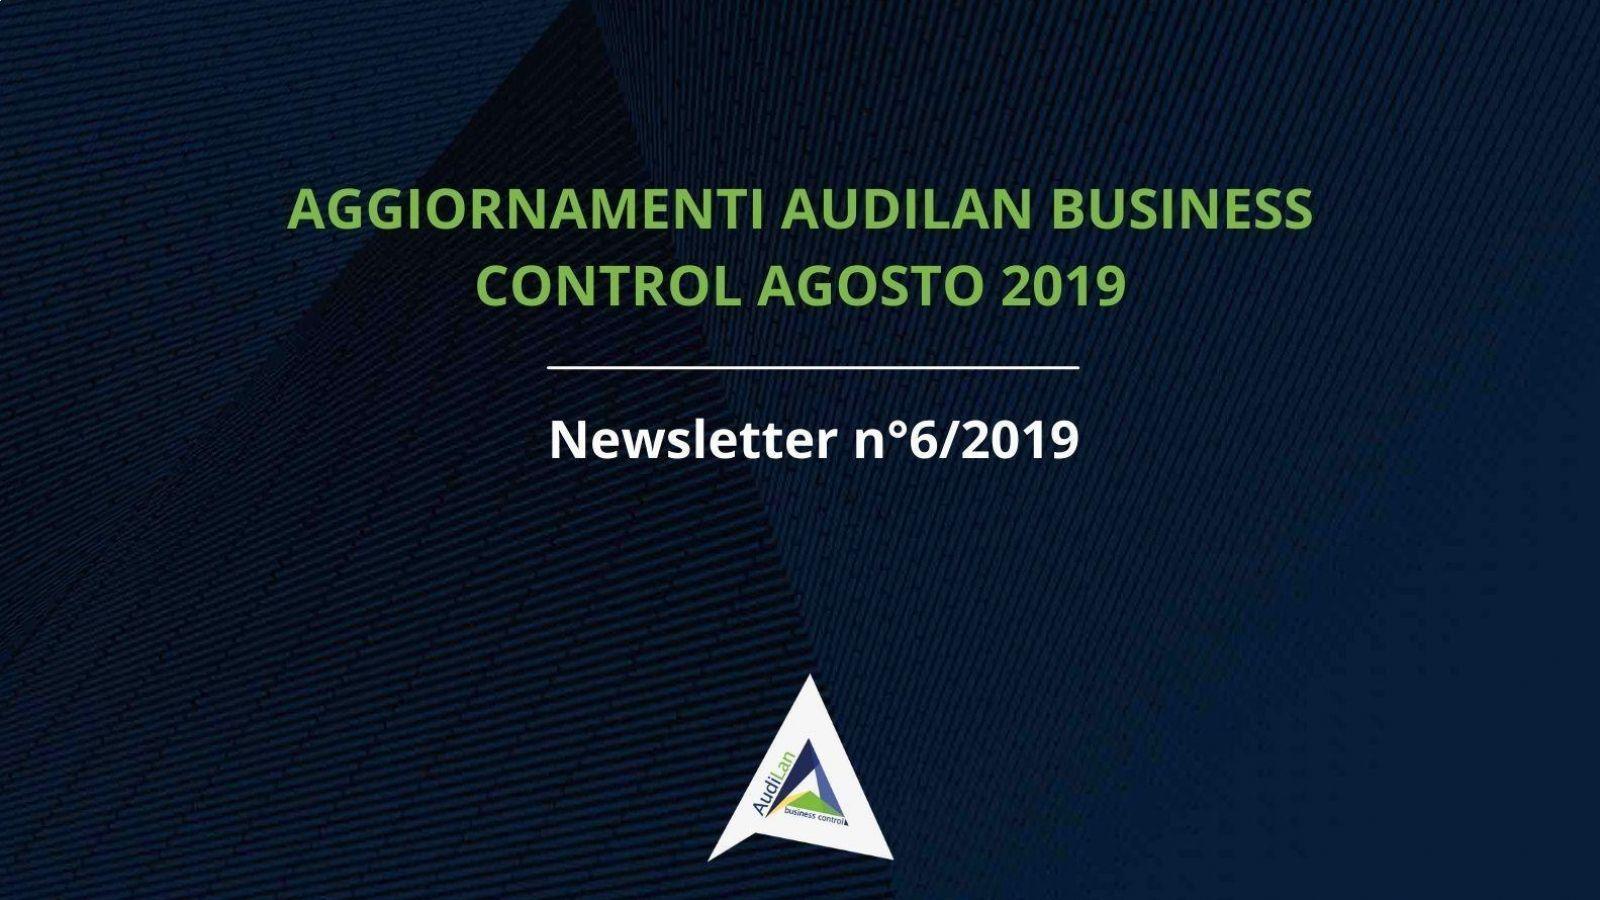 newsletter-n-6-2019